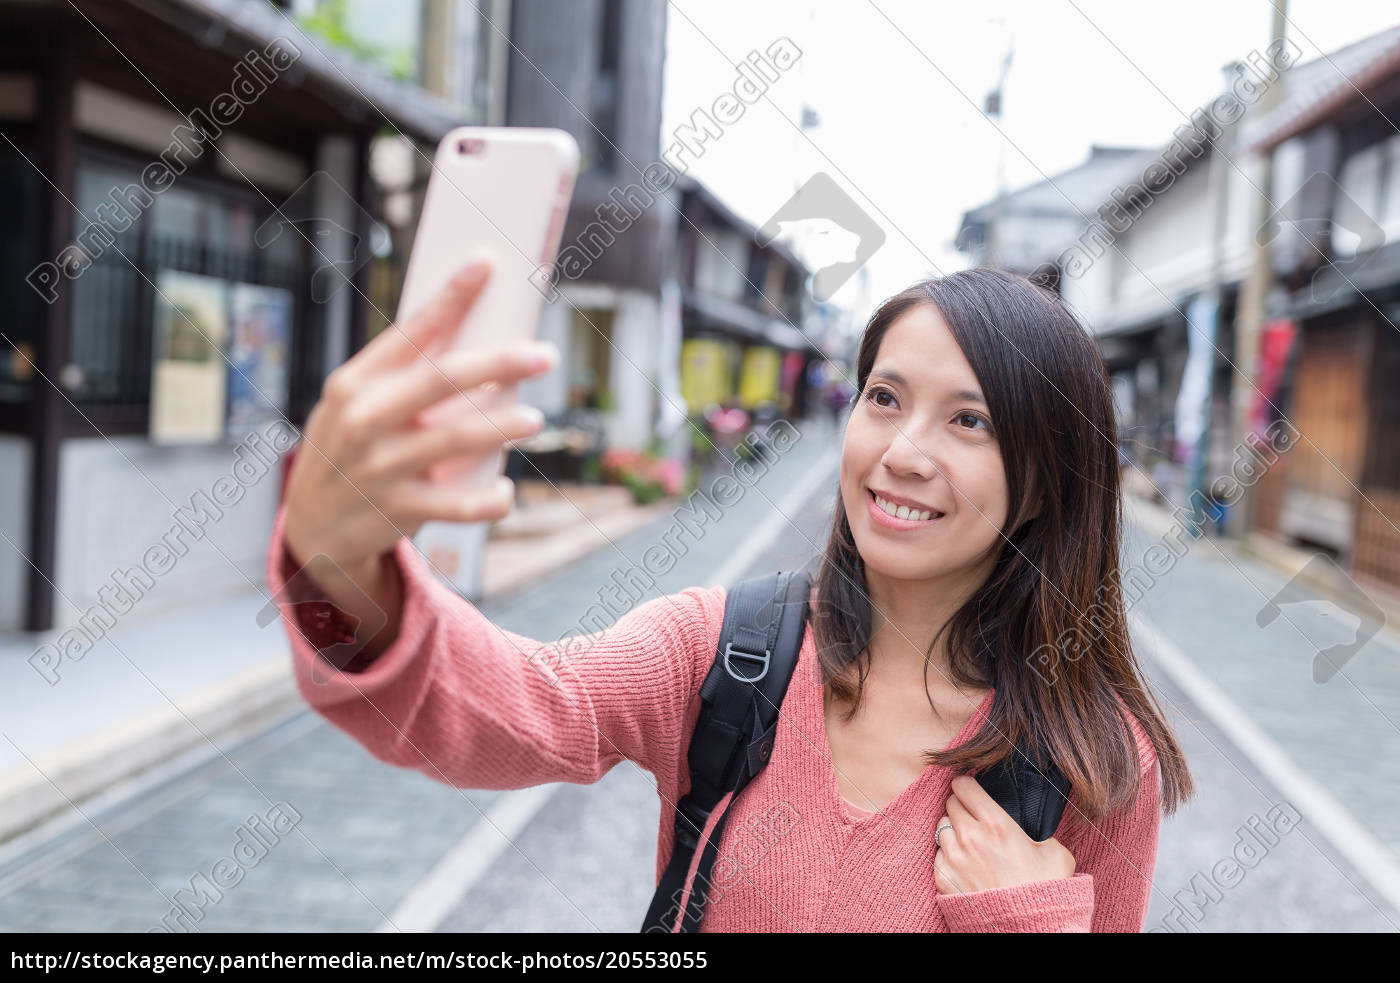 woman, taking, selfie, image, in, nagahama - 20553055